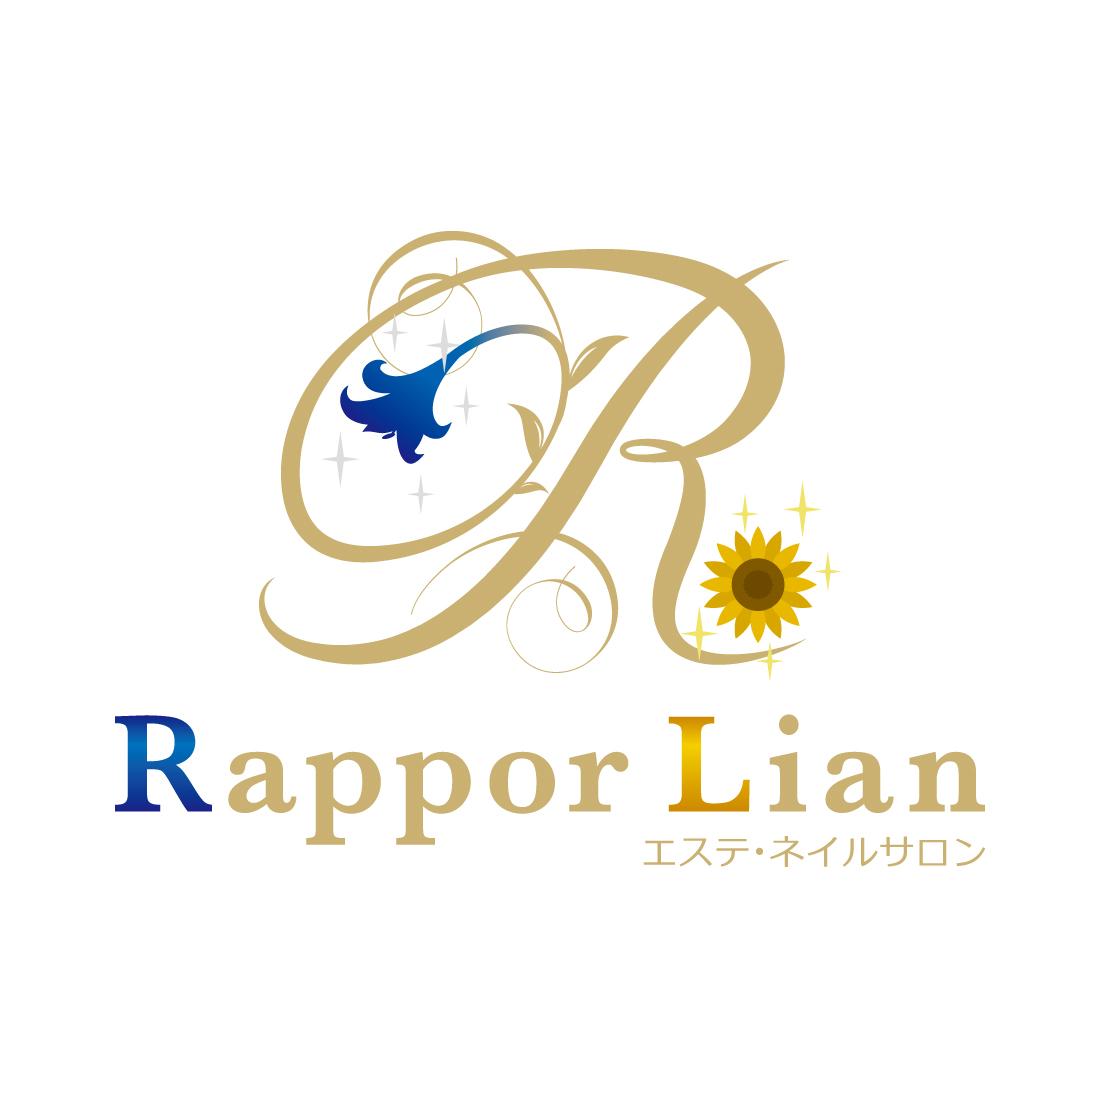 ラポール リアン 名古屋市港区のエステ・まつげパーマ・脱毛サロン